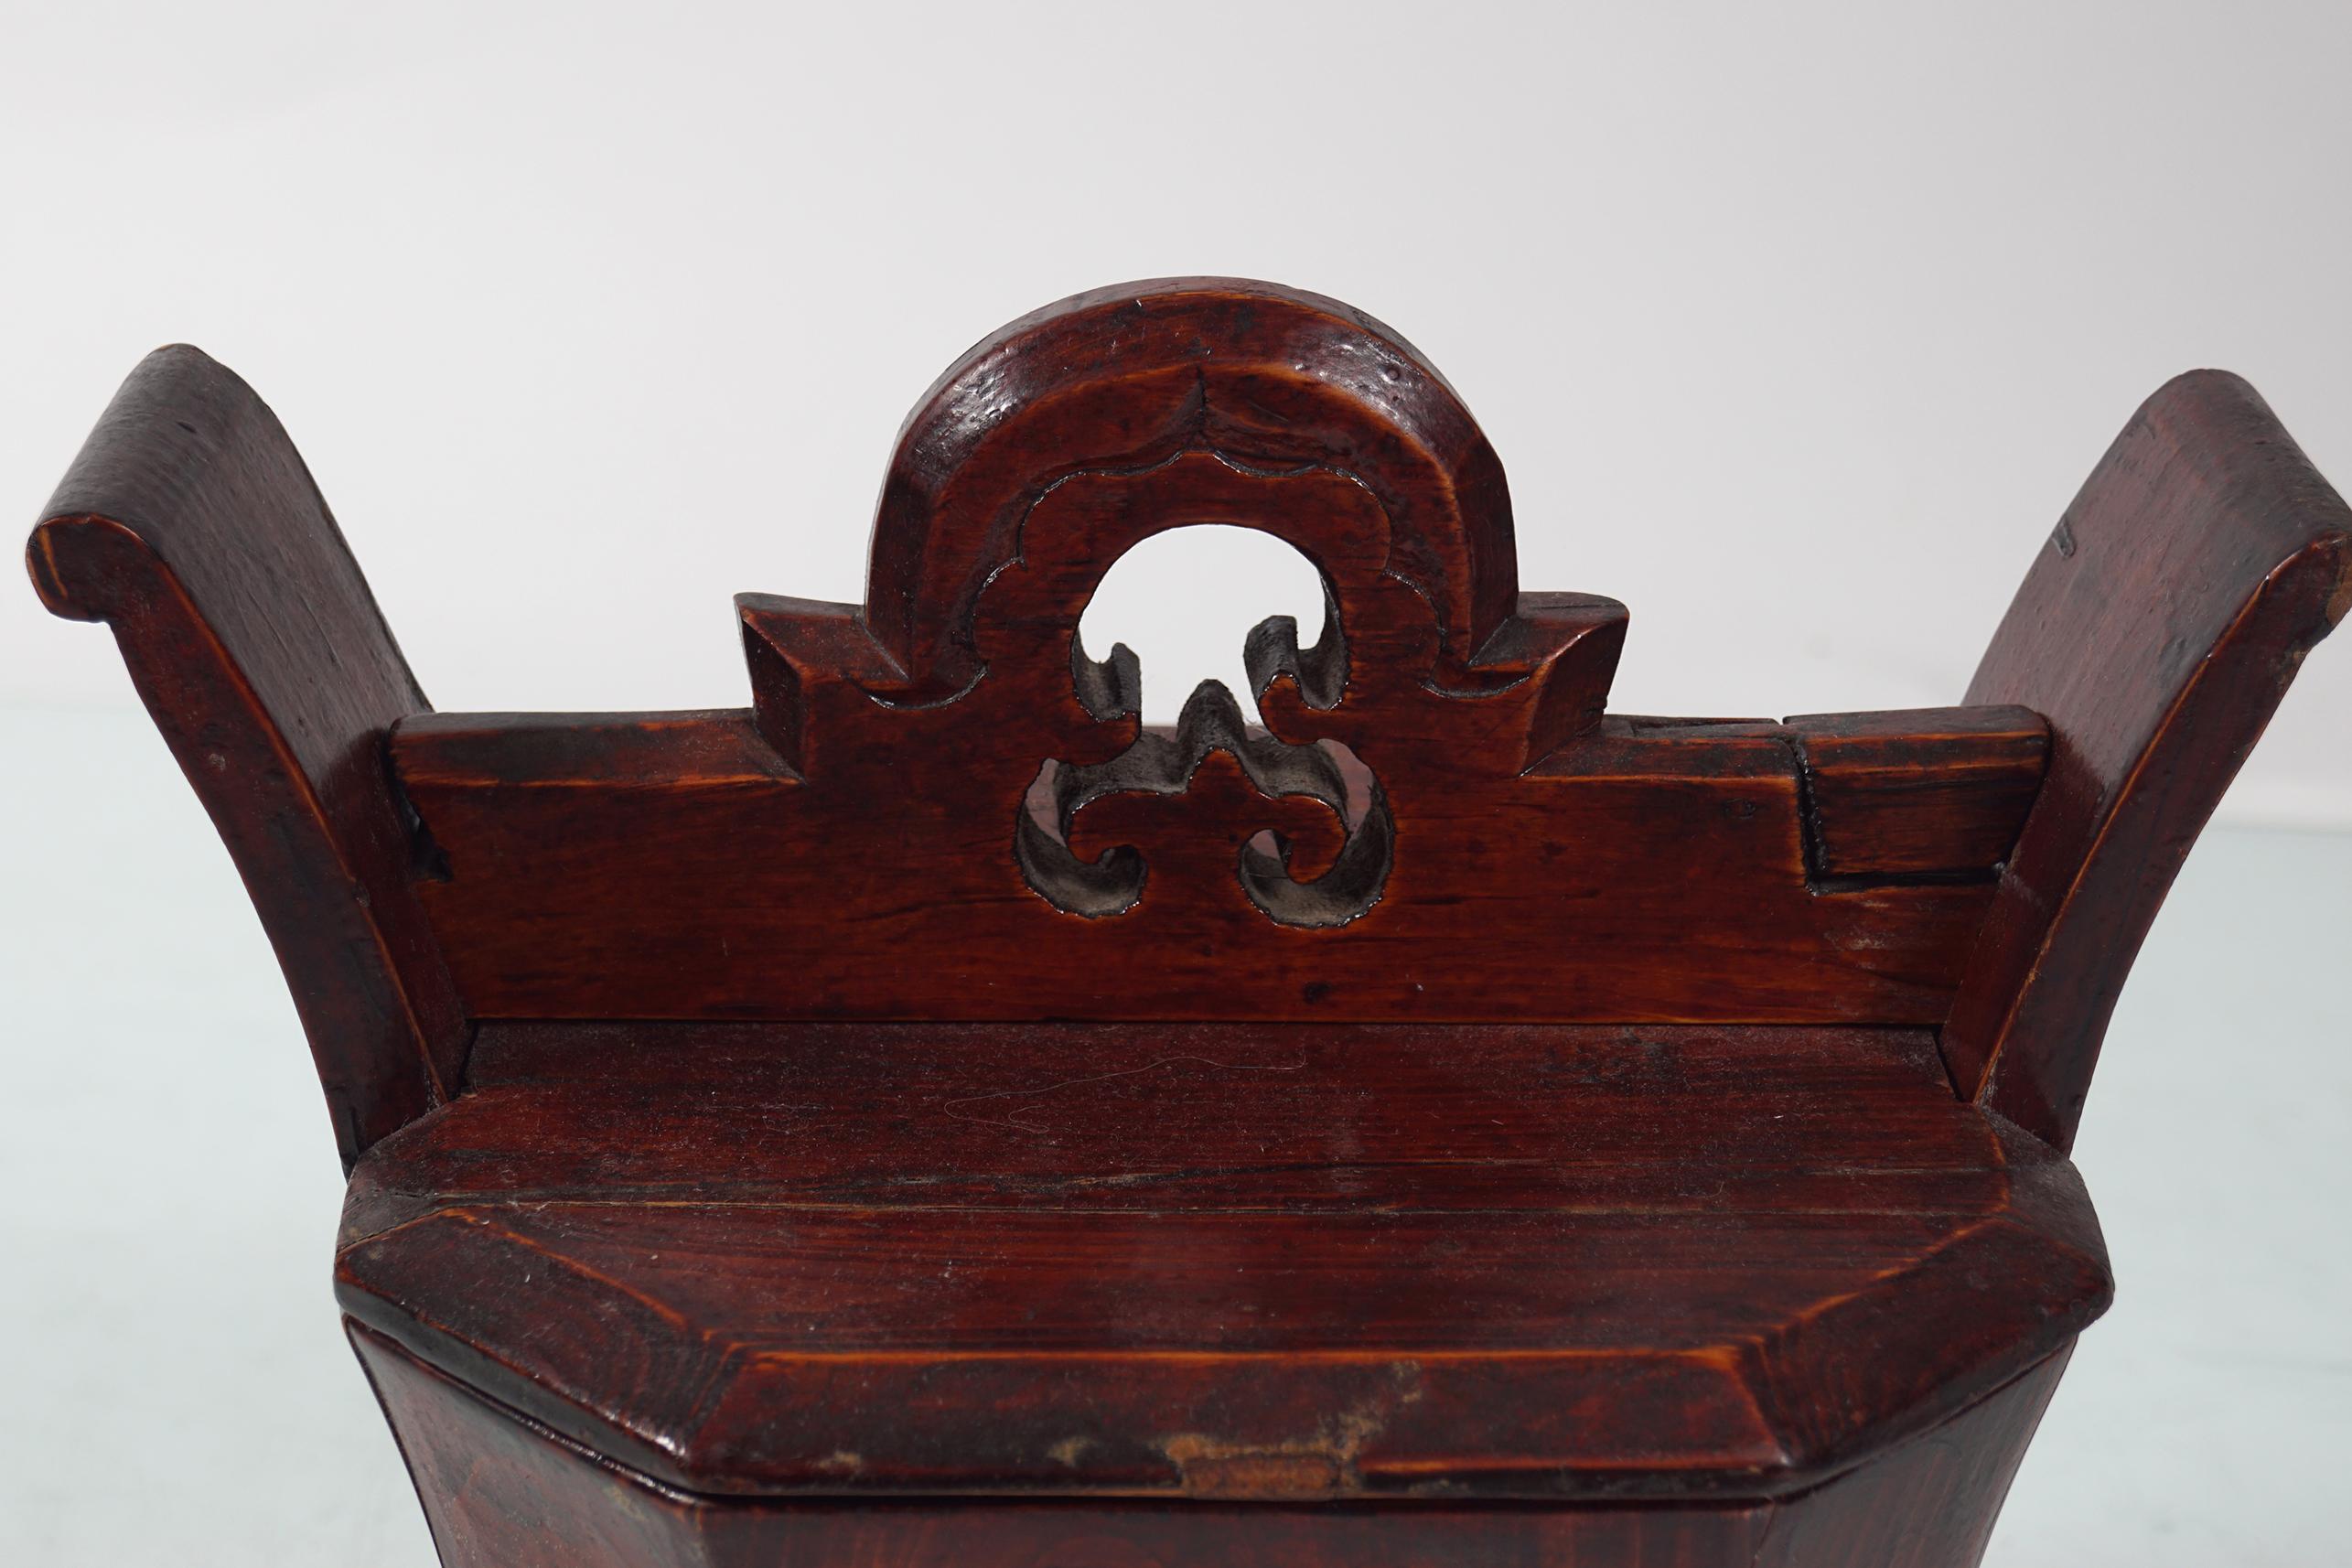 19TH-CENTURY CHINESE BRASS BOUND BOX - Image 2 of 2